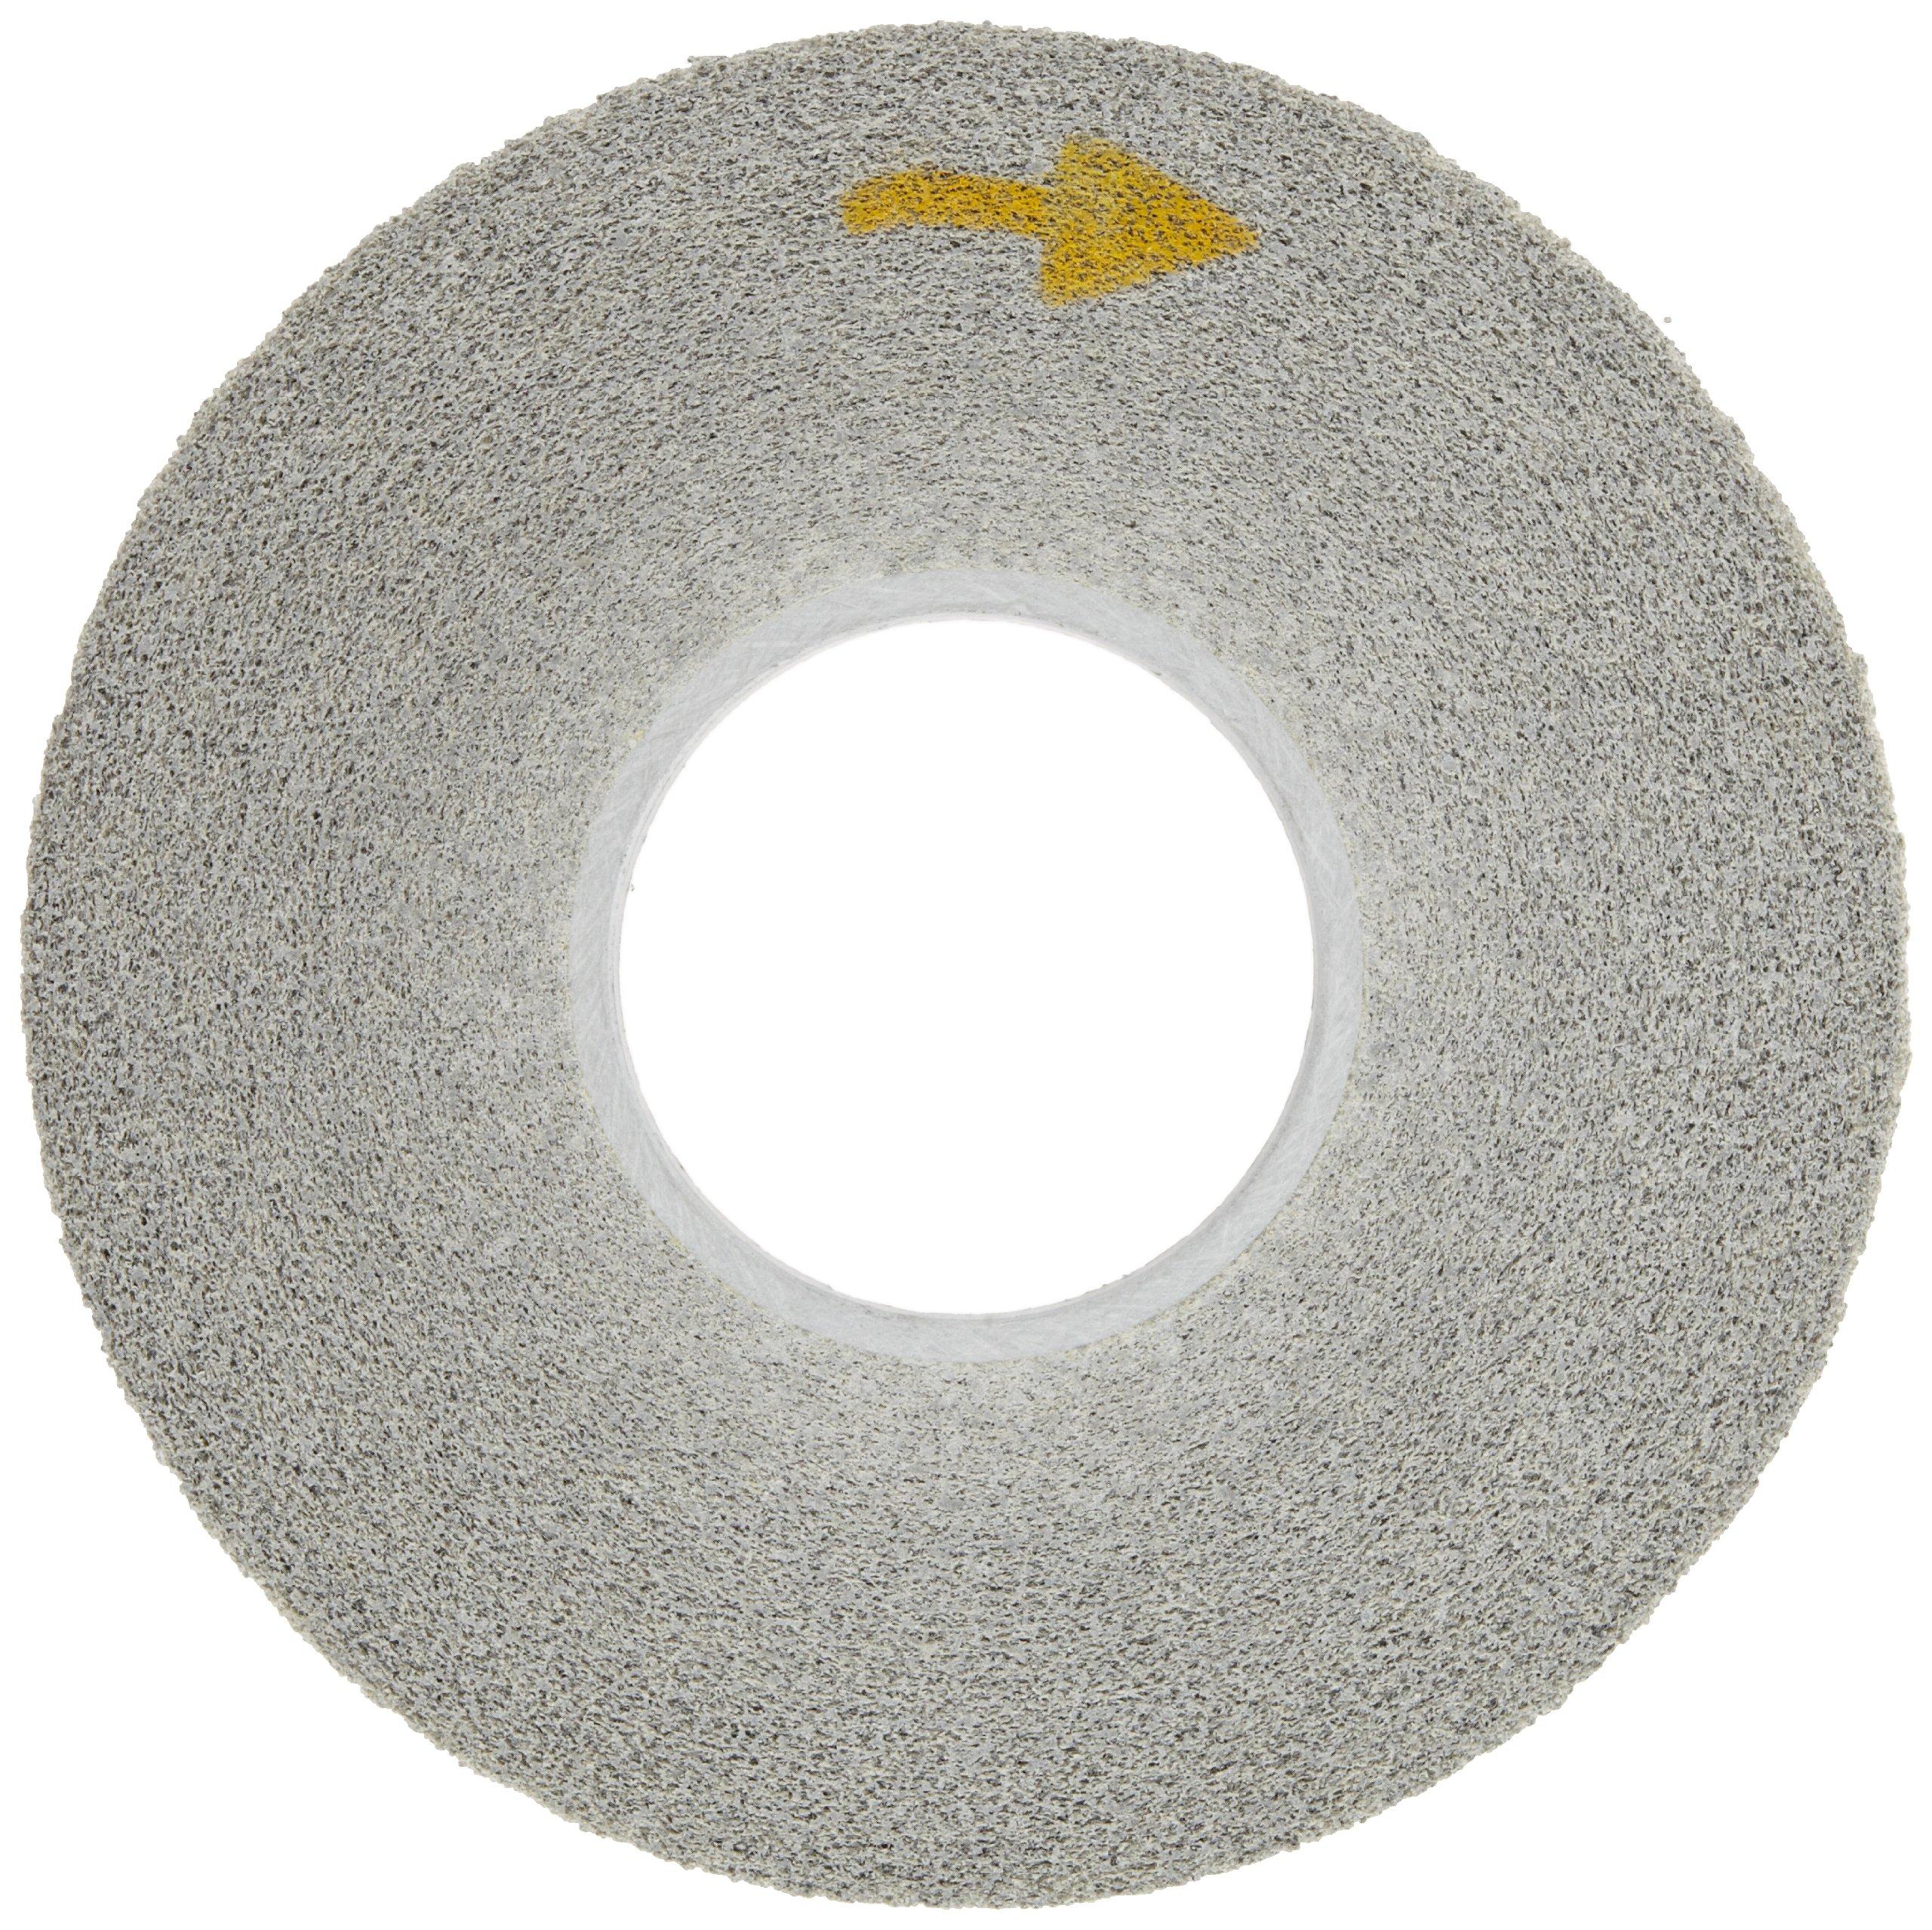 Scotch-Brite(TM) EXL Deburring Wheel, Aluminum Oxide, 3000 rpm, 12 Diameter x 1 Width, 5 Arbor, 8A Medium Grit (Pack of 1)